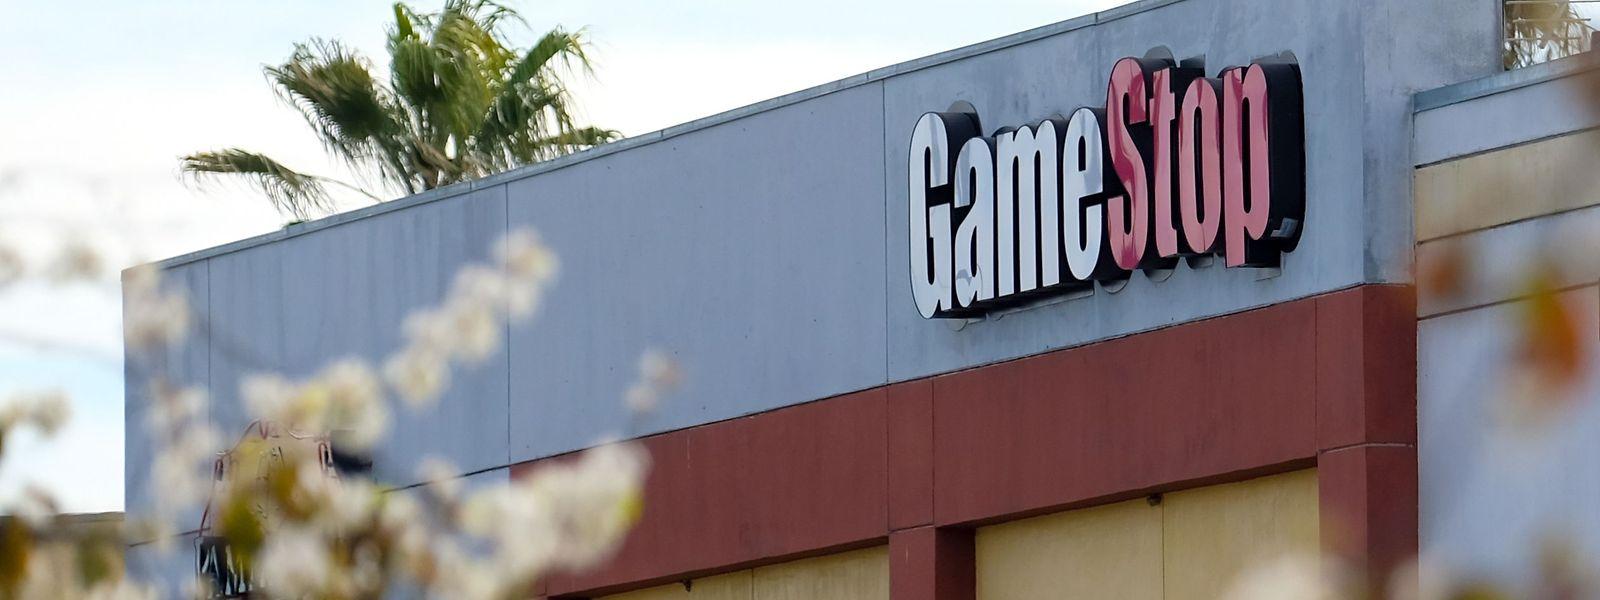 Der Videospielhändler Gamestop, der im Januar durch extreme Kurskapriolen am Finanzmarkt für Aufsehen sorgte, muss sich einen neuen Finanzvorstand suchen.